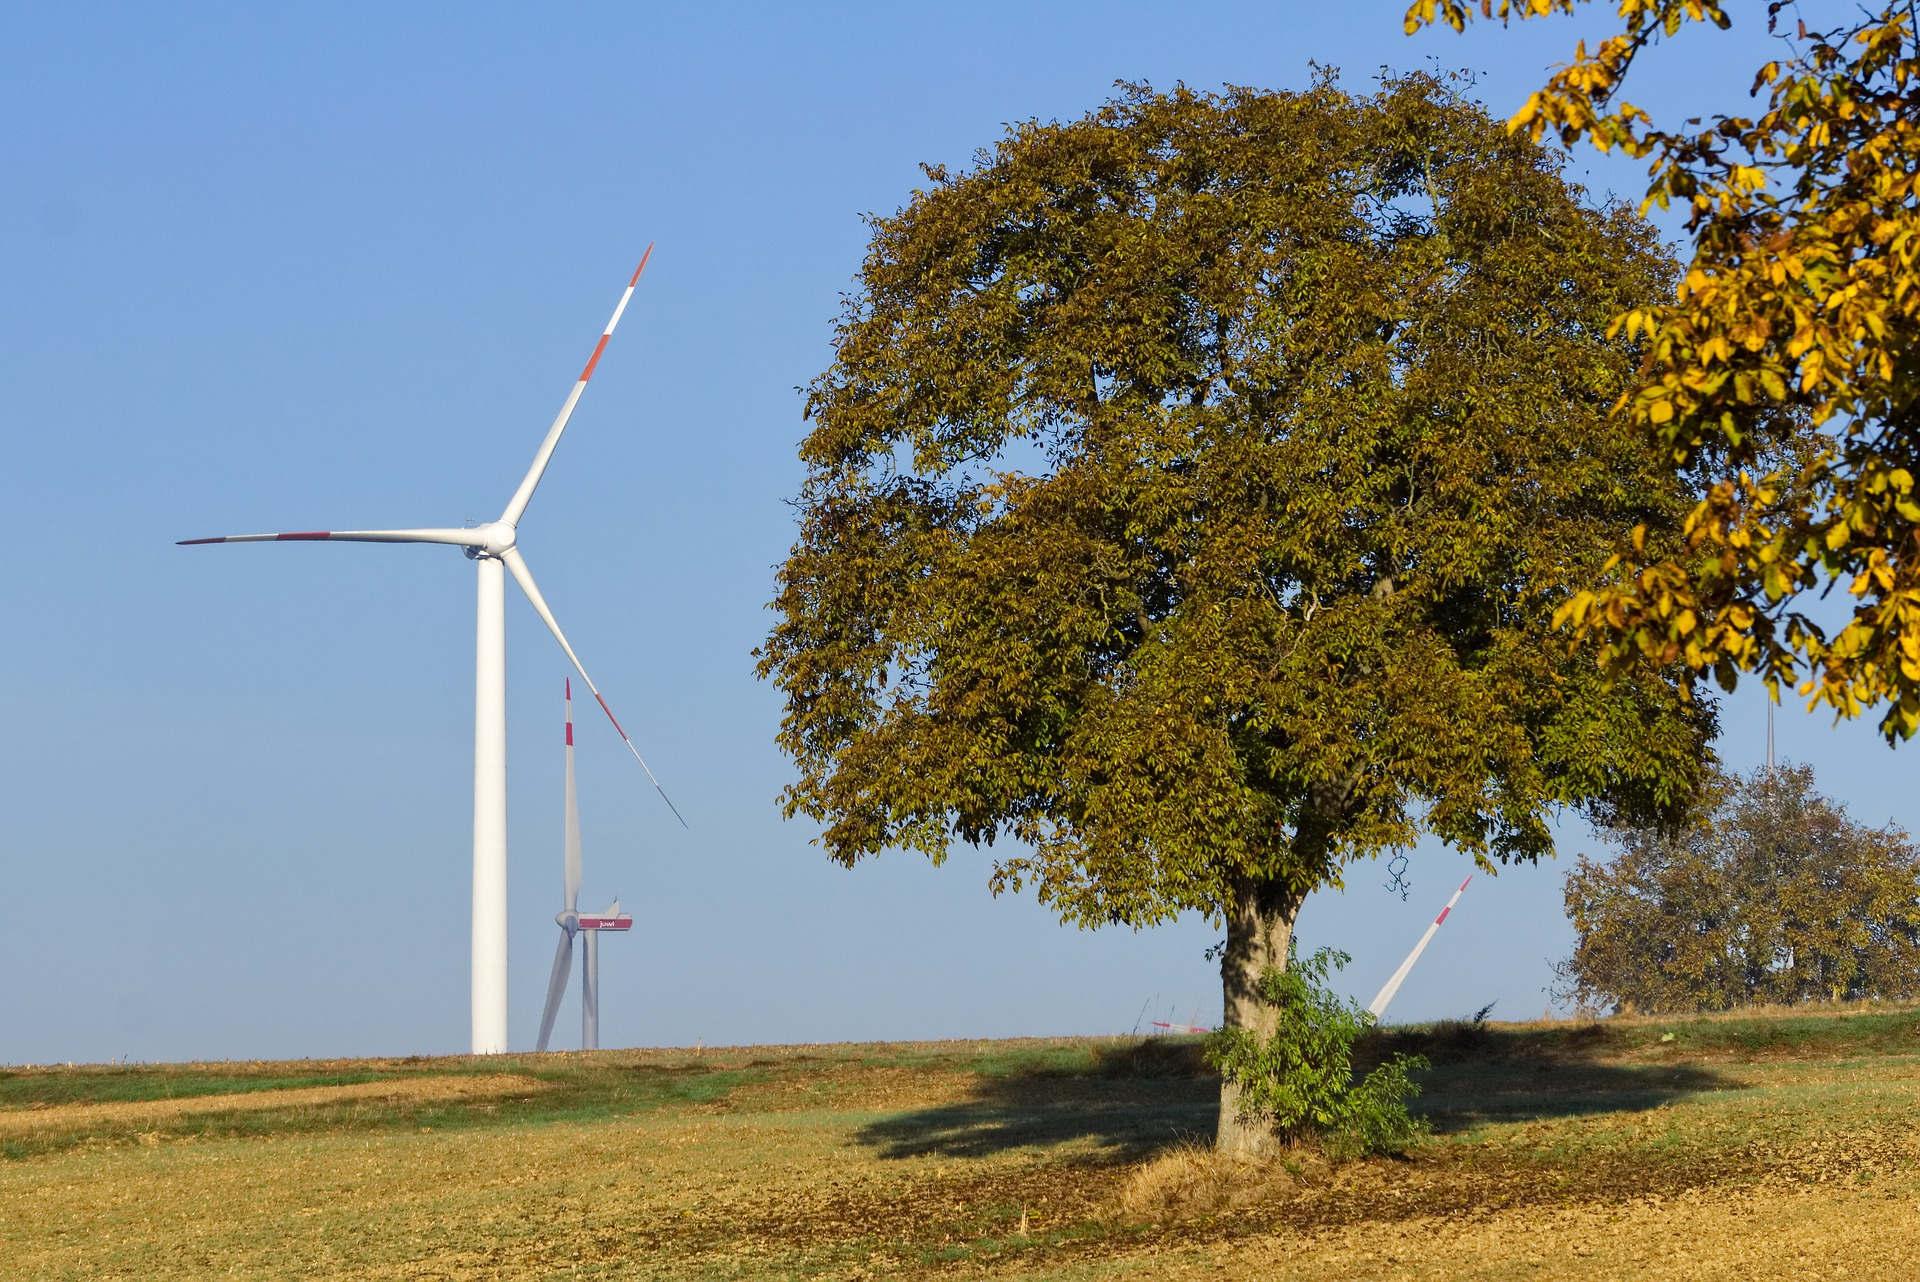 Erstellung eines Energiewende- und Klimaschutzkonzeptes